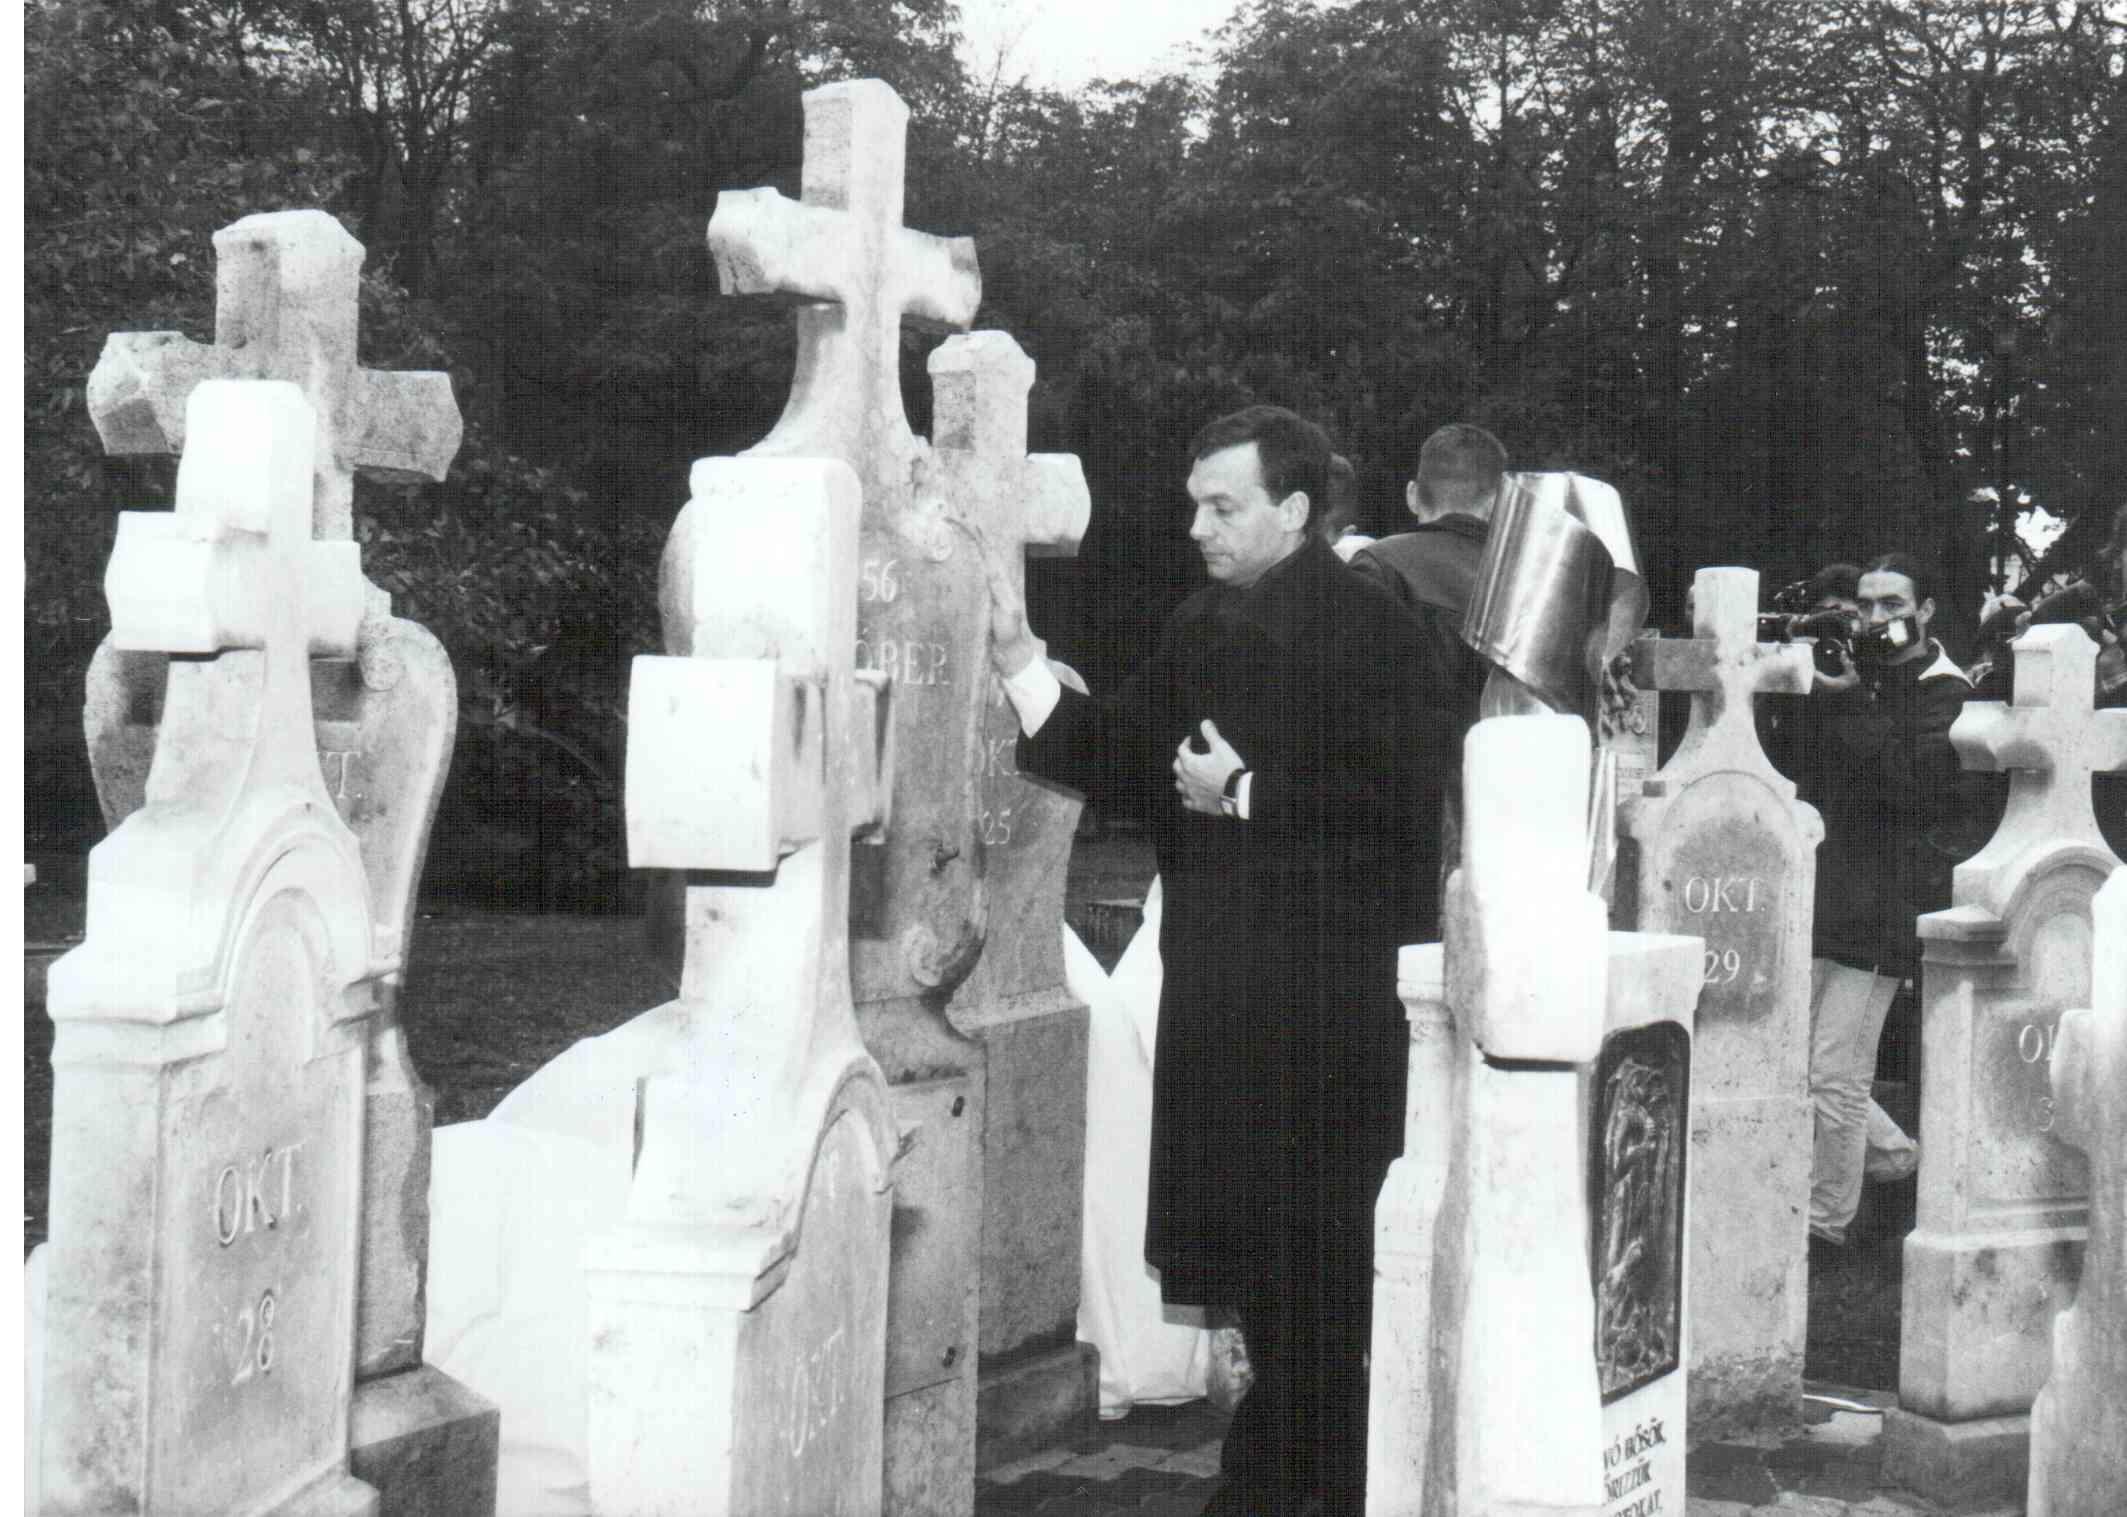 1999-ben Orbán Viktor miniszterelnök avatta fel a közadakozásból készült 1956-os emlékművet, amelyet Gömbös László készített / Fotó: Varmegyegaleria.hu